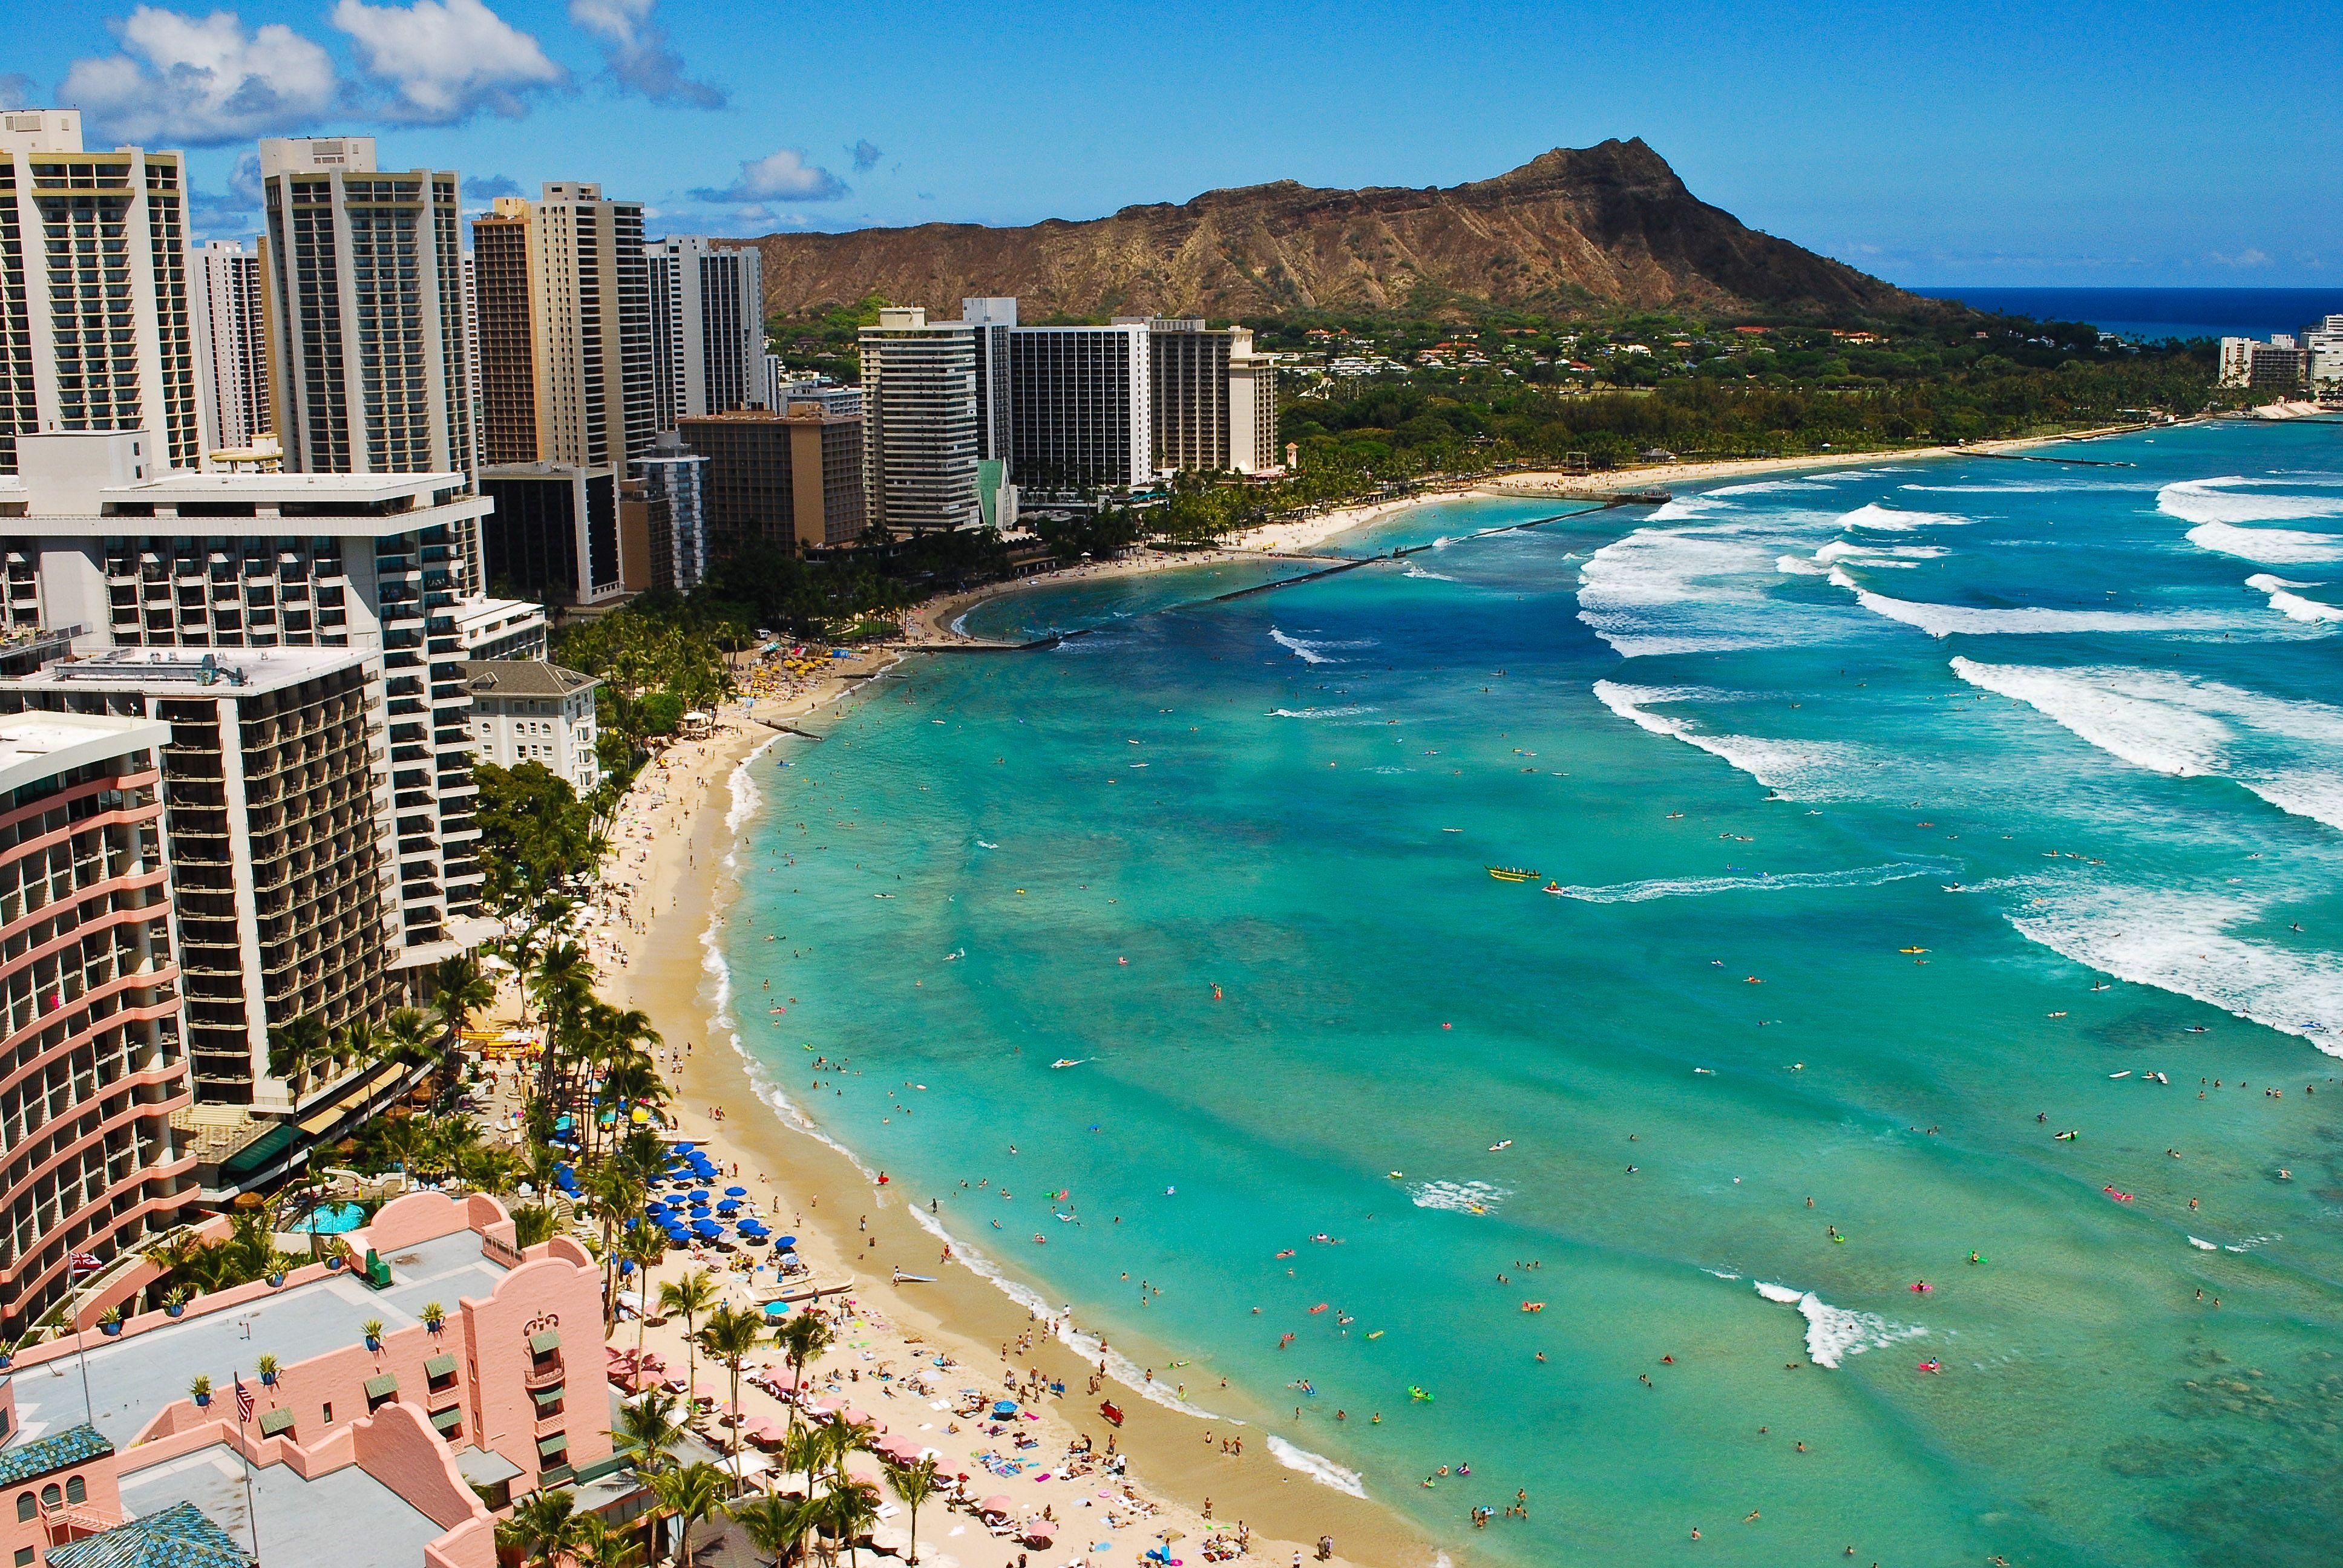 Honolulu Capital De Hawai Y Sus Asombrosos Lugares Hilton Hawaiian Village Waikiki Hawaii Beaches Hilton Hawaiian Village